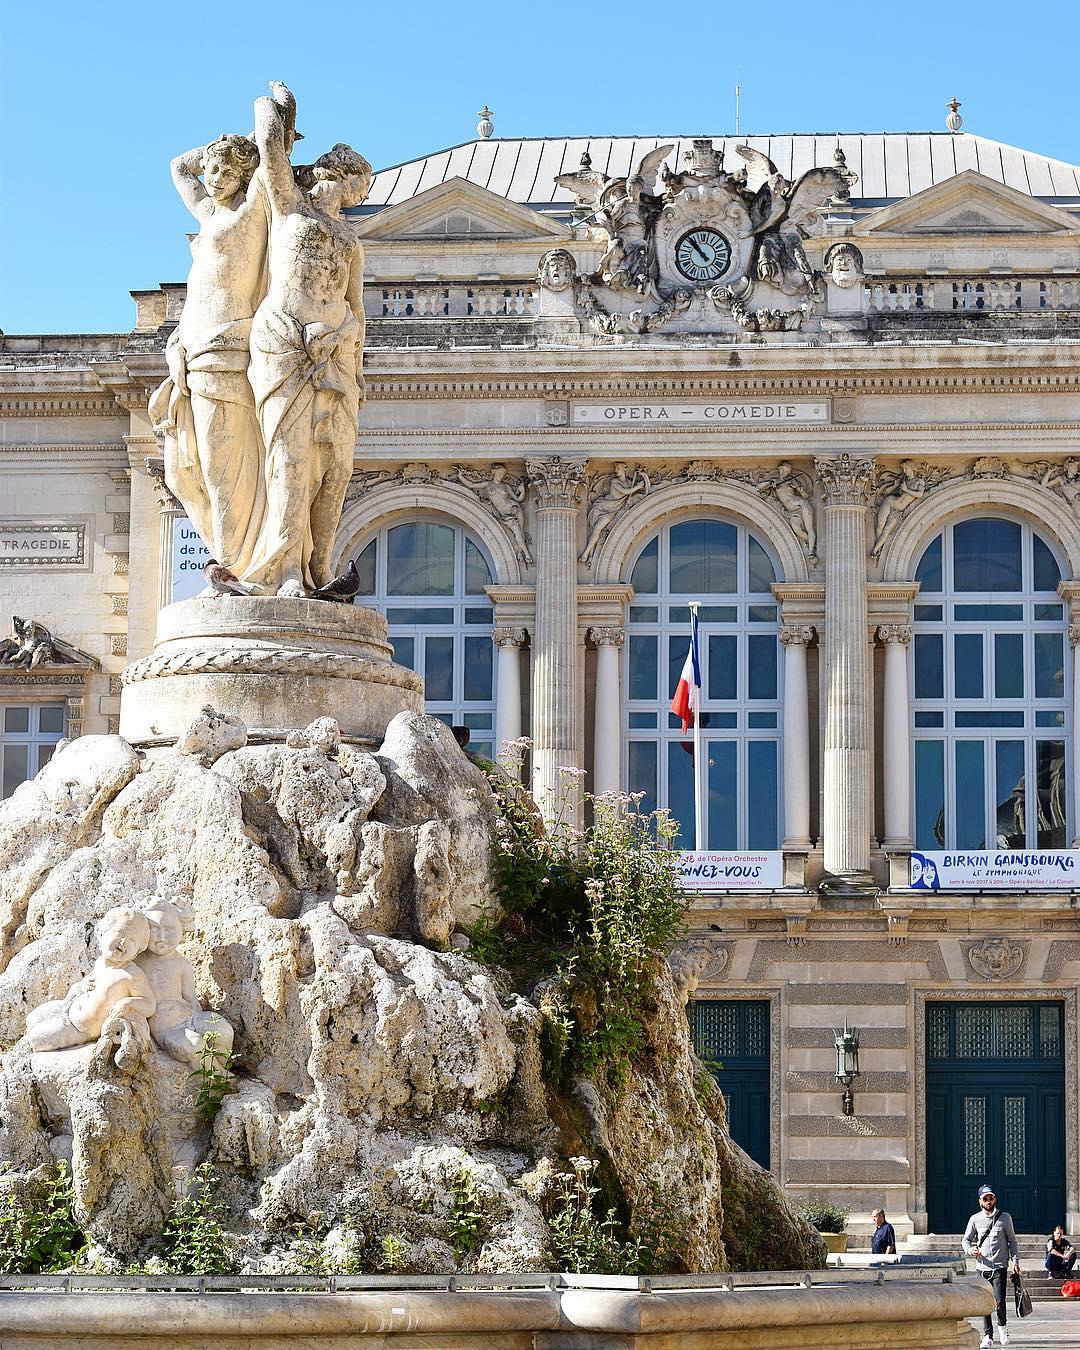 Le bonheur de vivre à Montpellier ? La semaine prochaine je vais à l'Opera pour voir